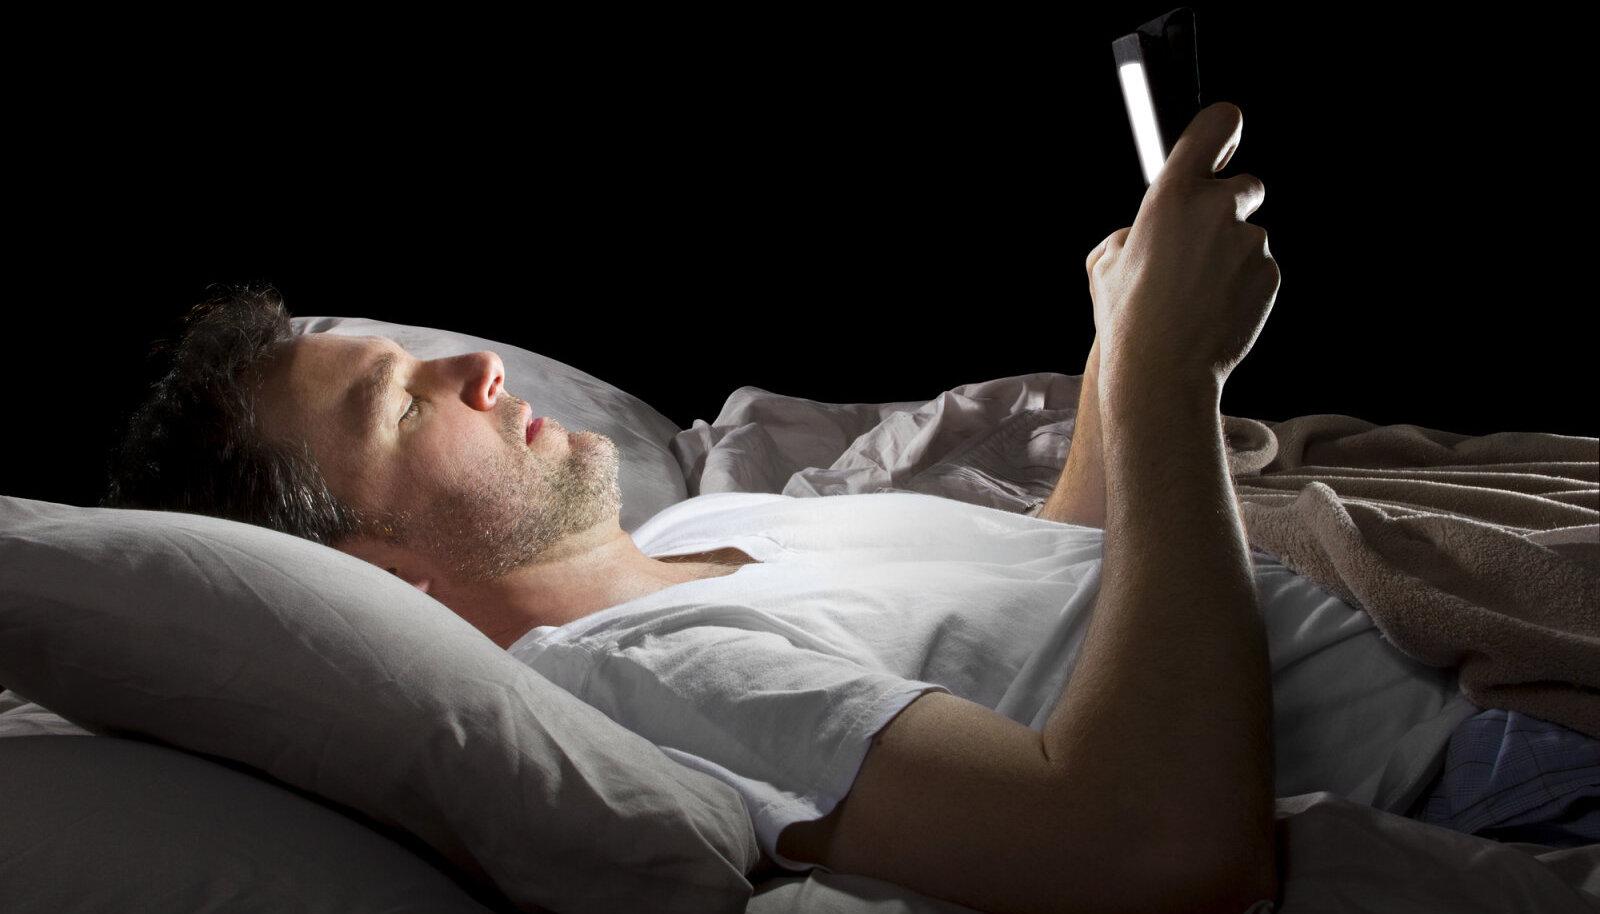 Nutitelefoni valgus võib häirida unetsüklit